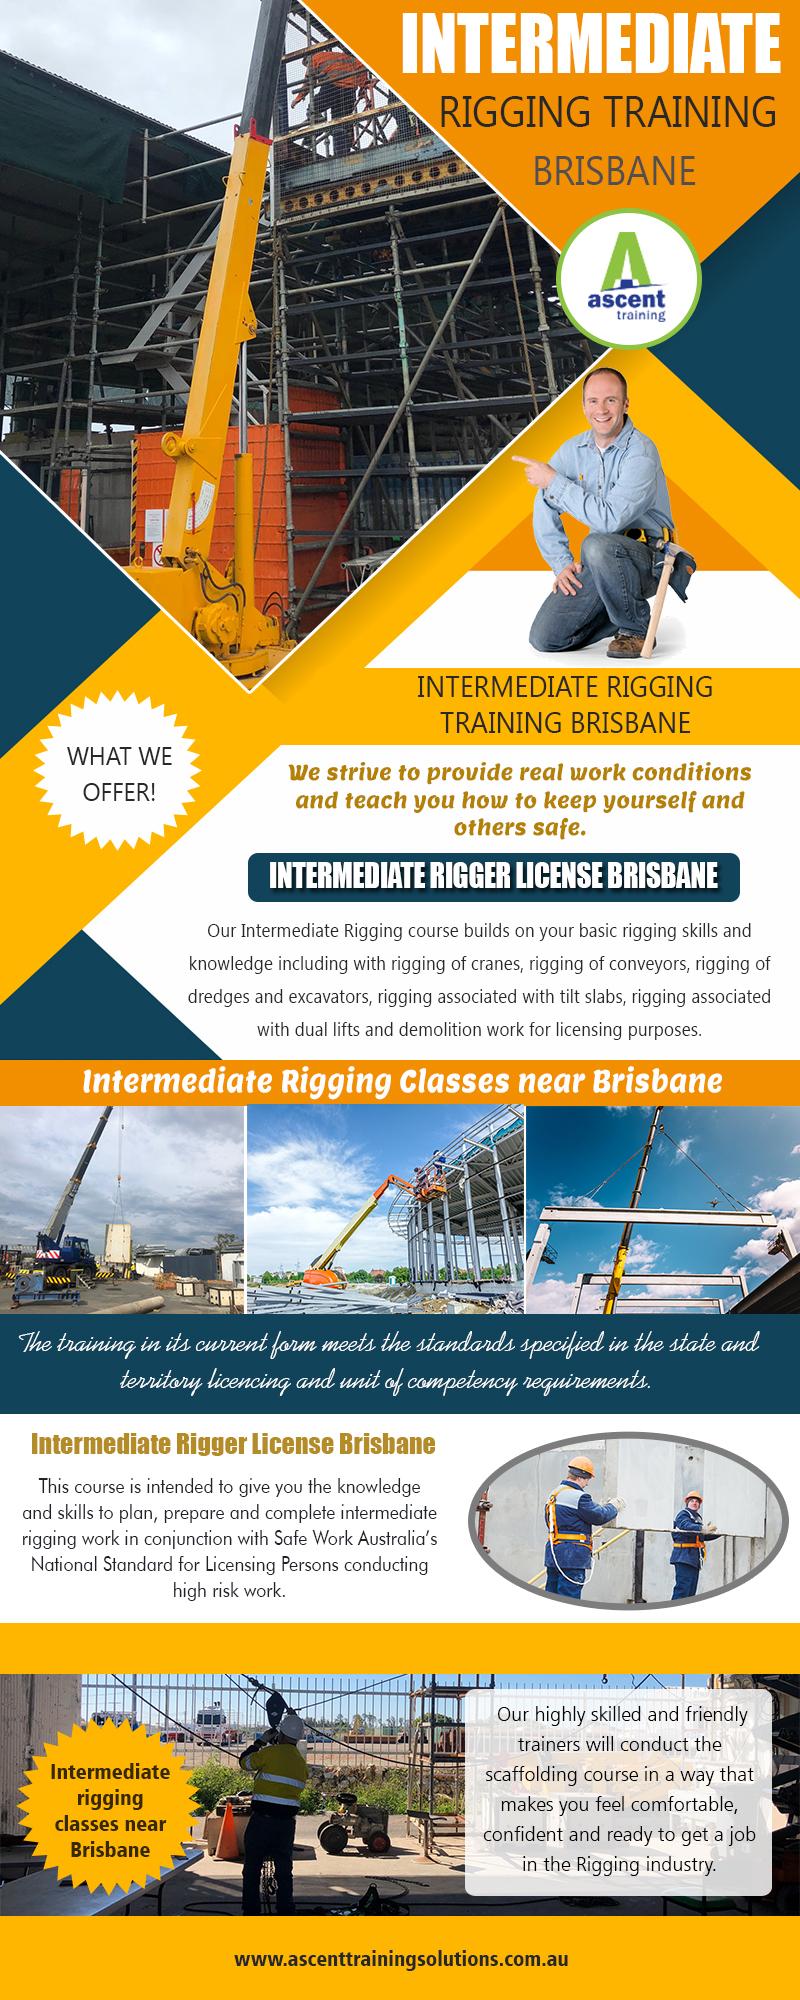 Intermediate Rigging Training Brisbane